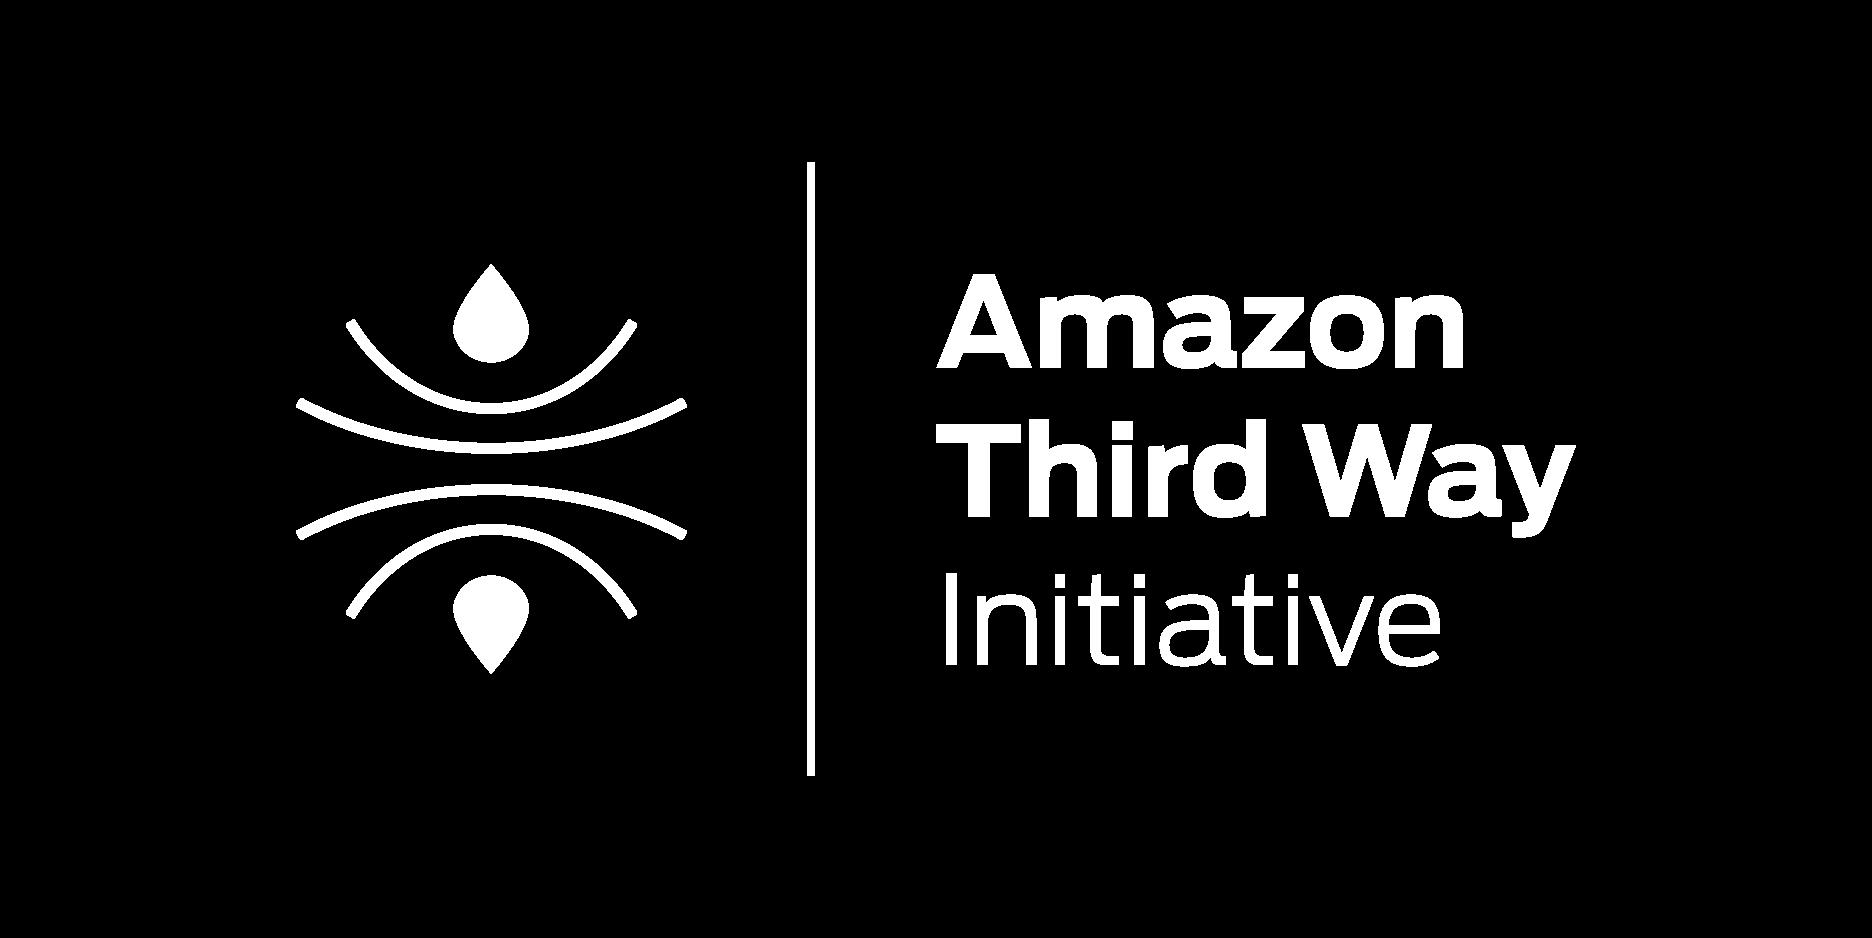 AmazonThirdWayInitiative.png